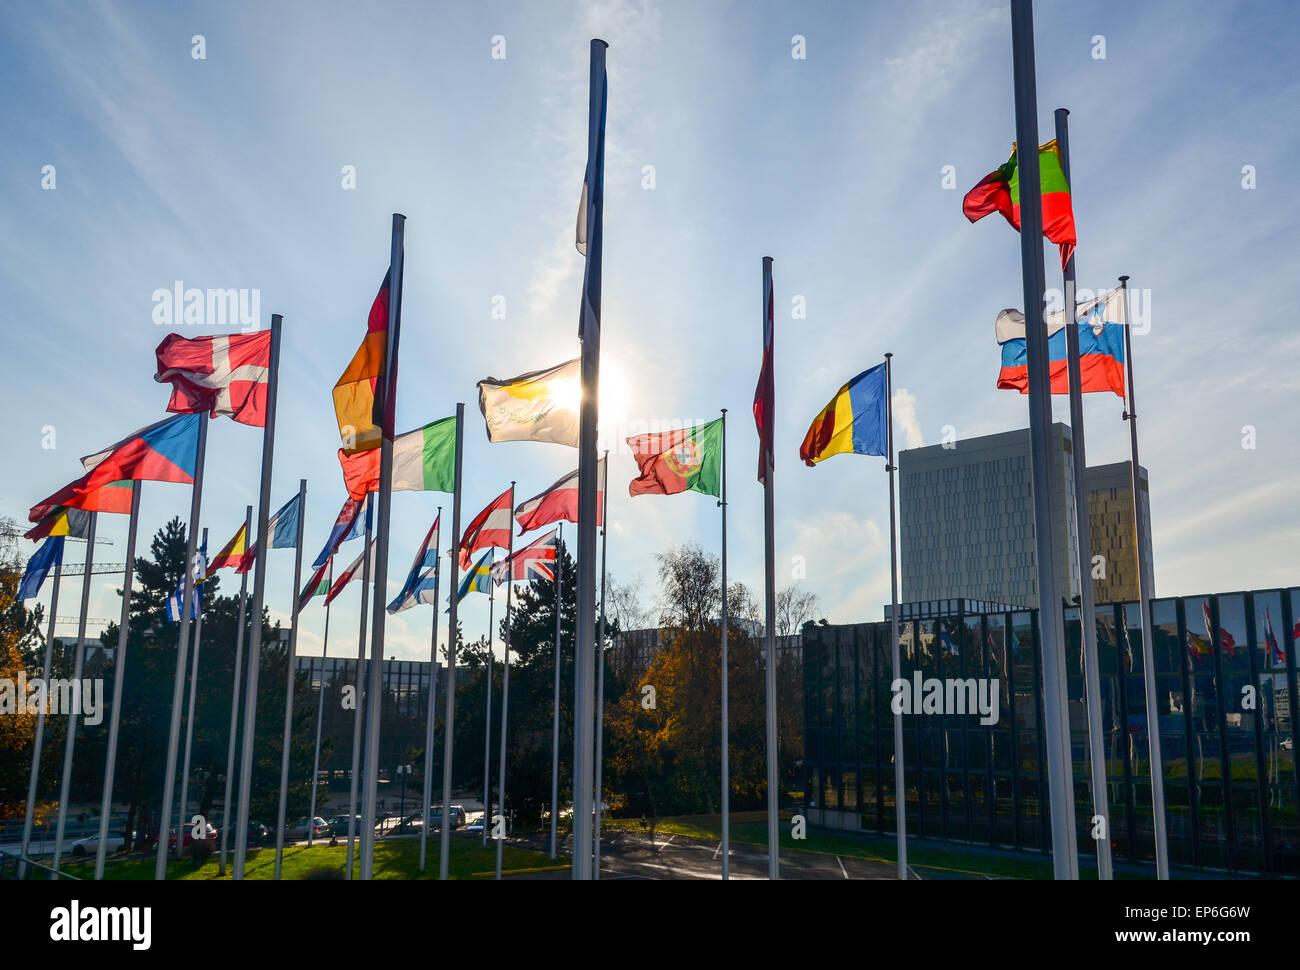 Flaggen der Länder der Europäischen Union an der Europäischen Kommission, Europaviertel, Luxemburg Stockbild